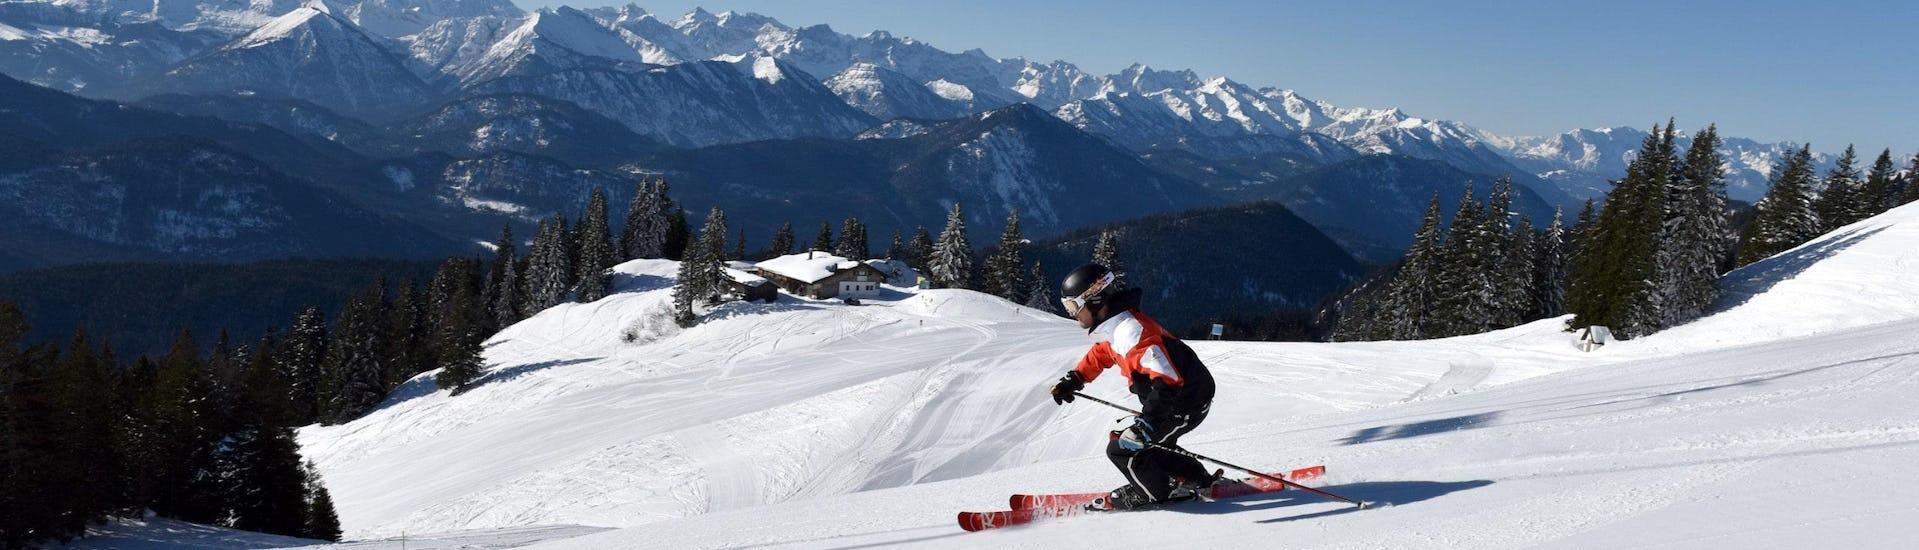 Vue sur un paysage de montagne ensoleillé lors d'un cours de ski avec l'une des écoles de ski de la station de ski Brauneck Lenggries.